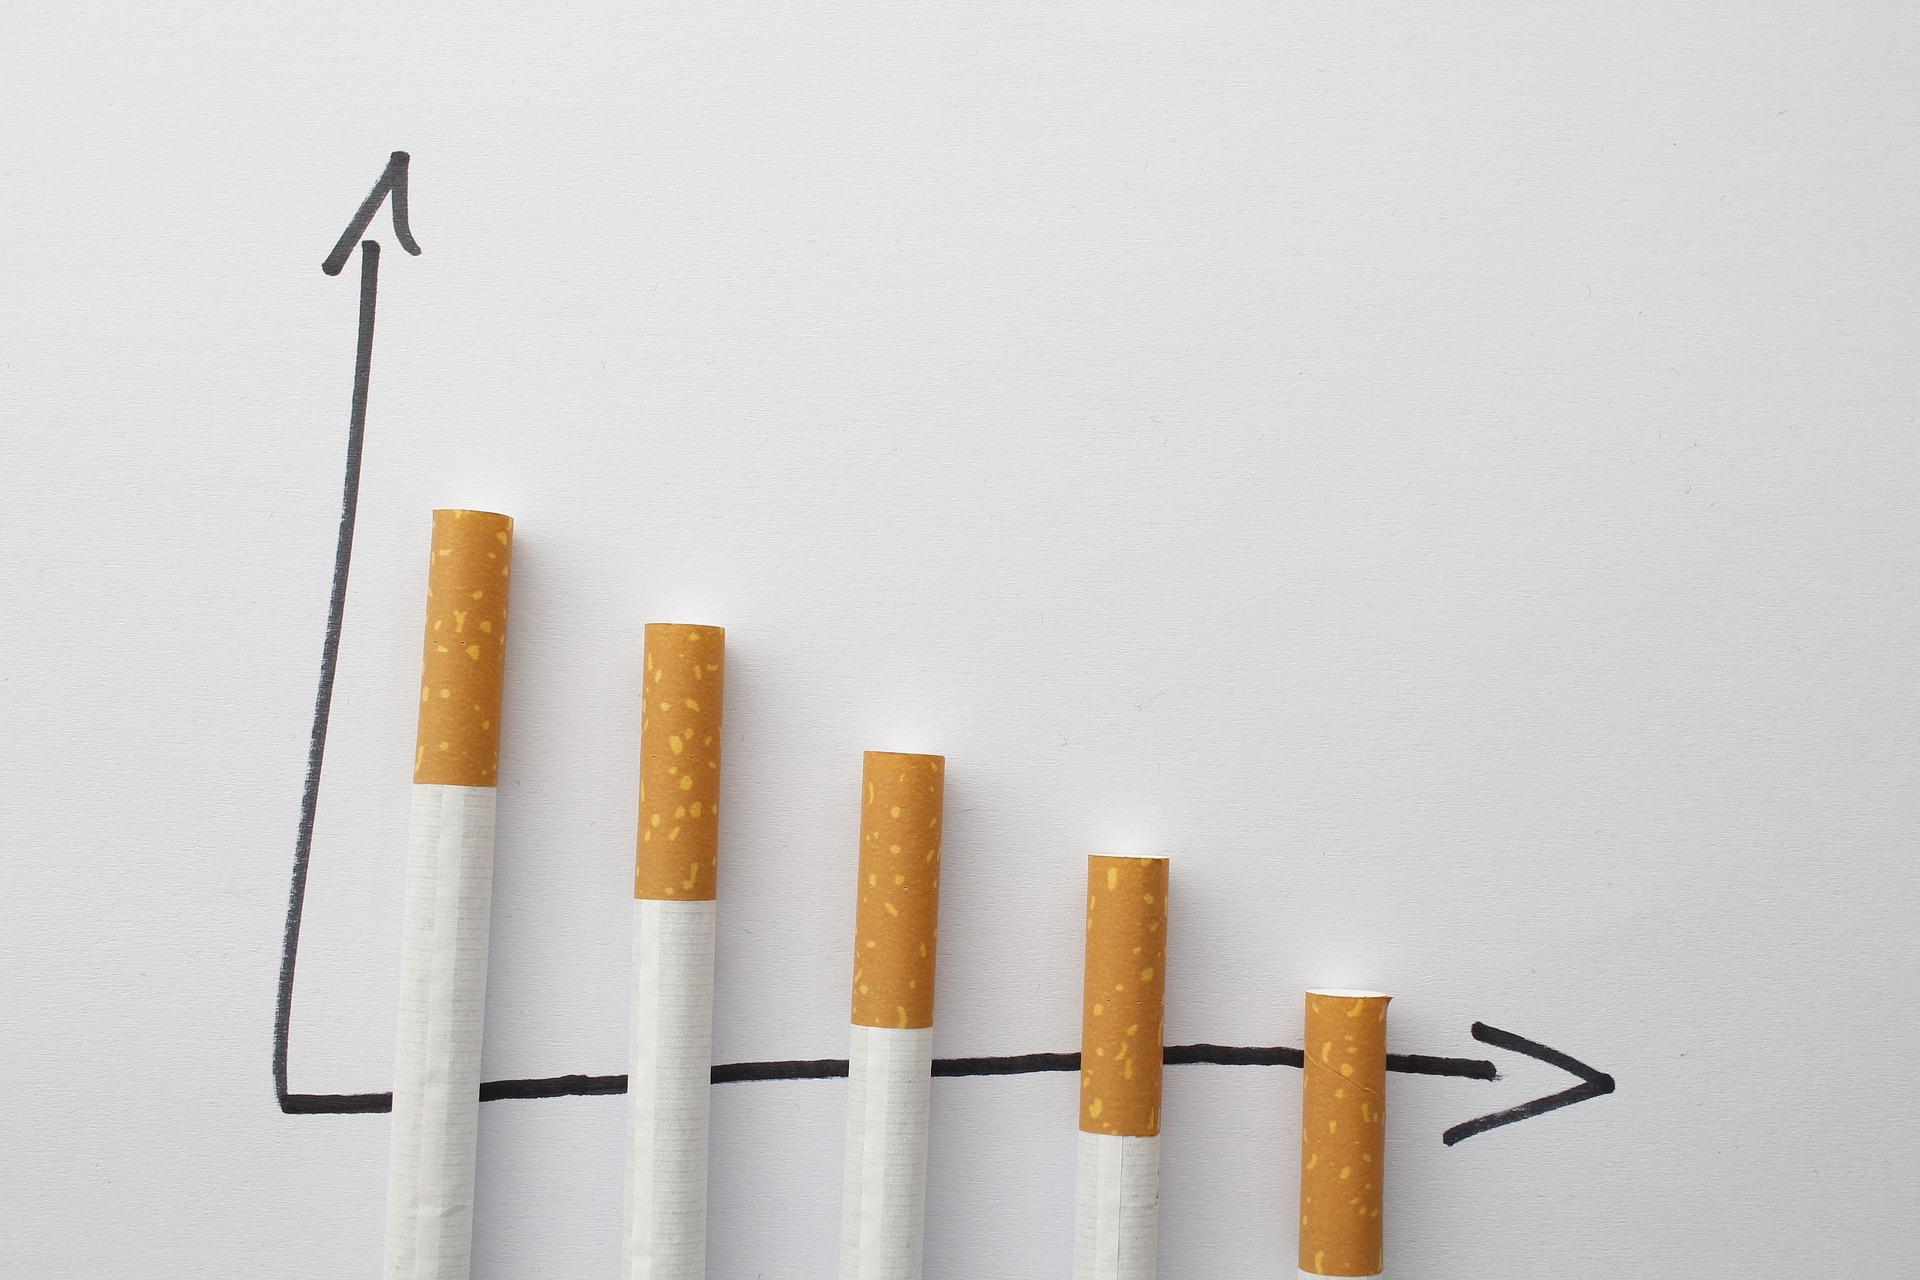 сигареты курение пиксабай